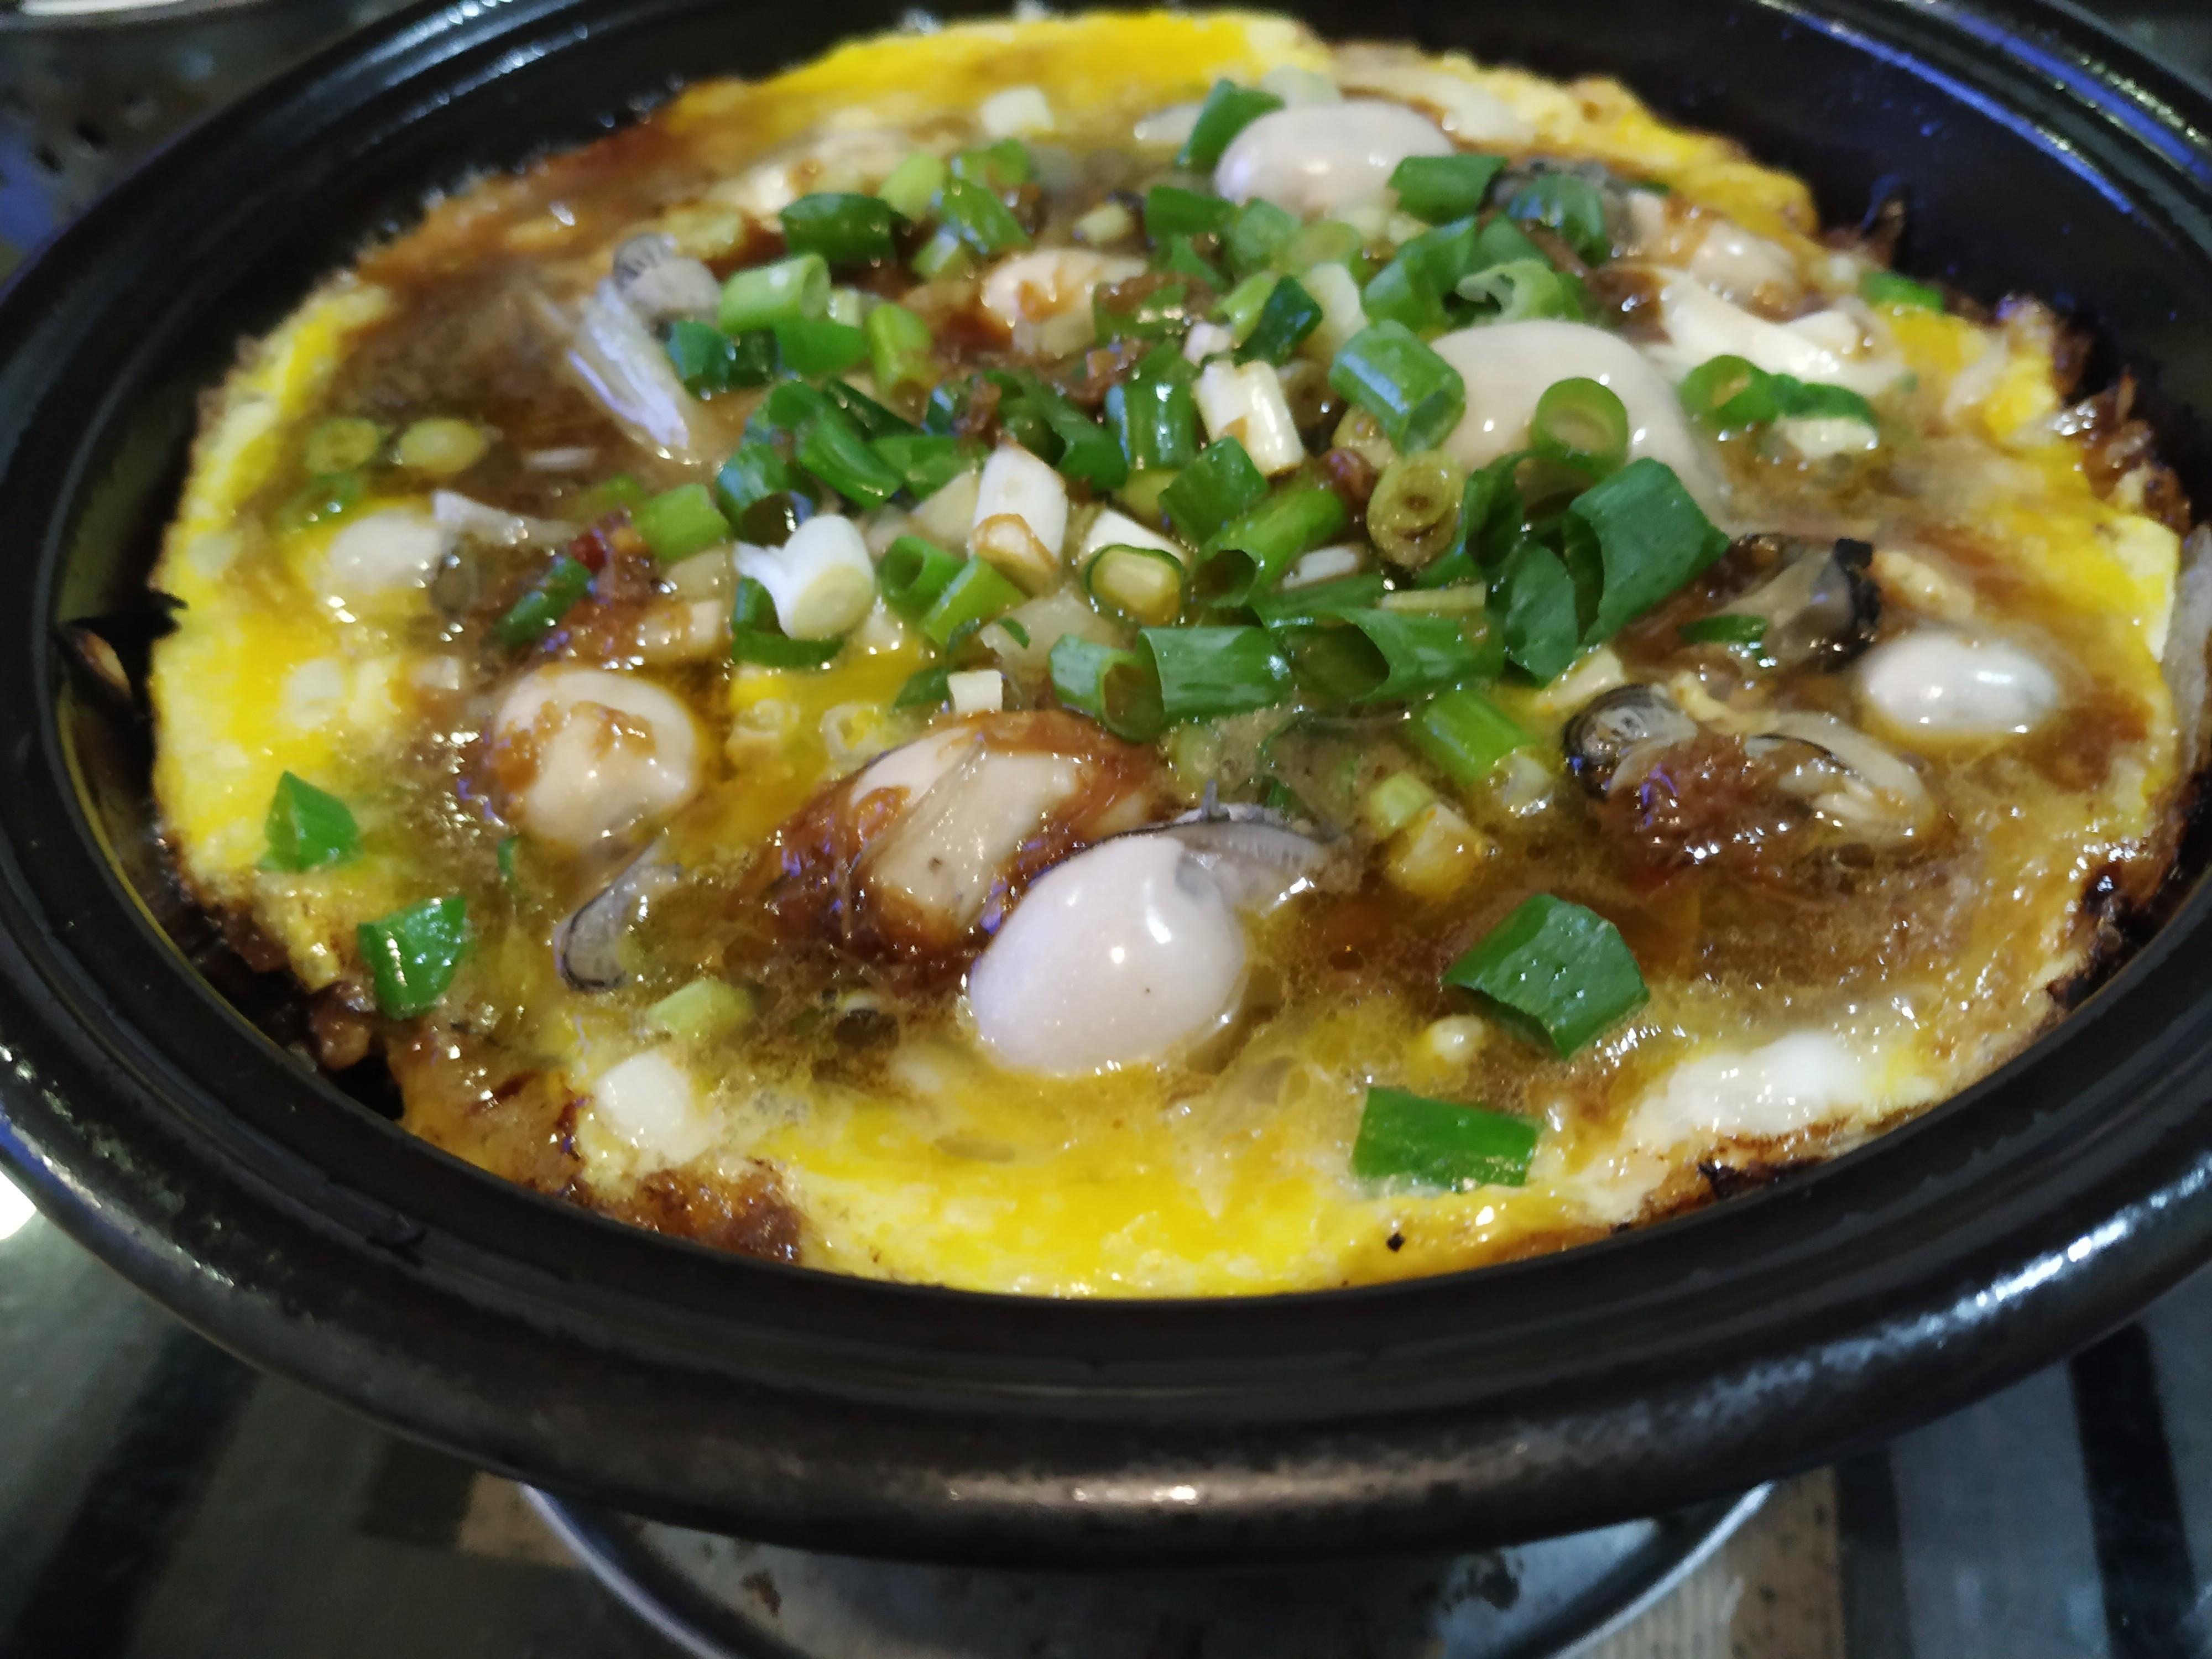 雞蛋蚵仔煎